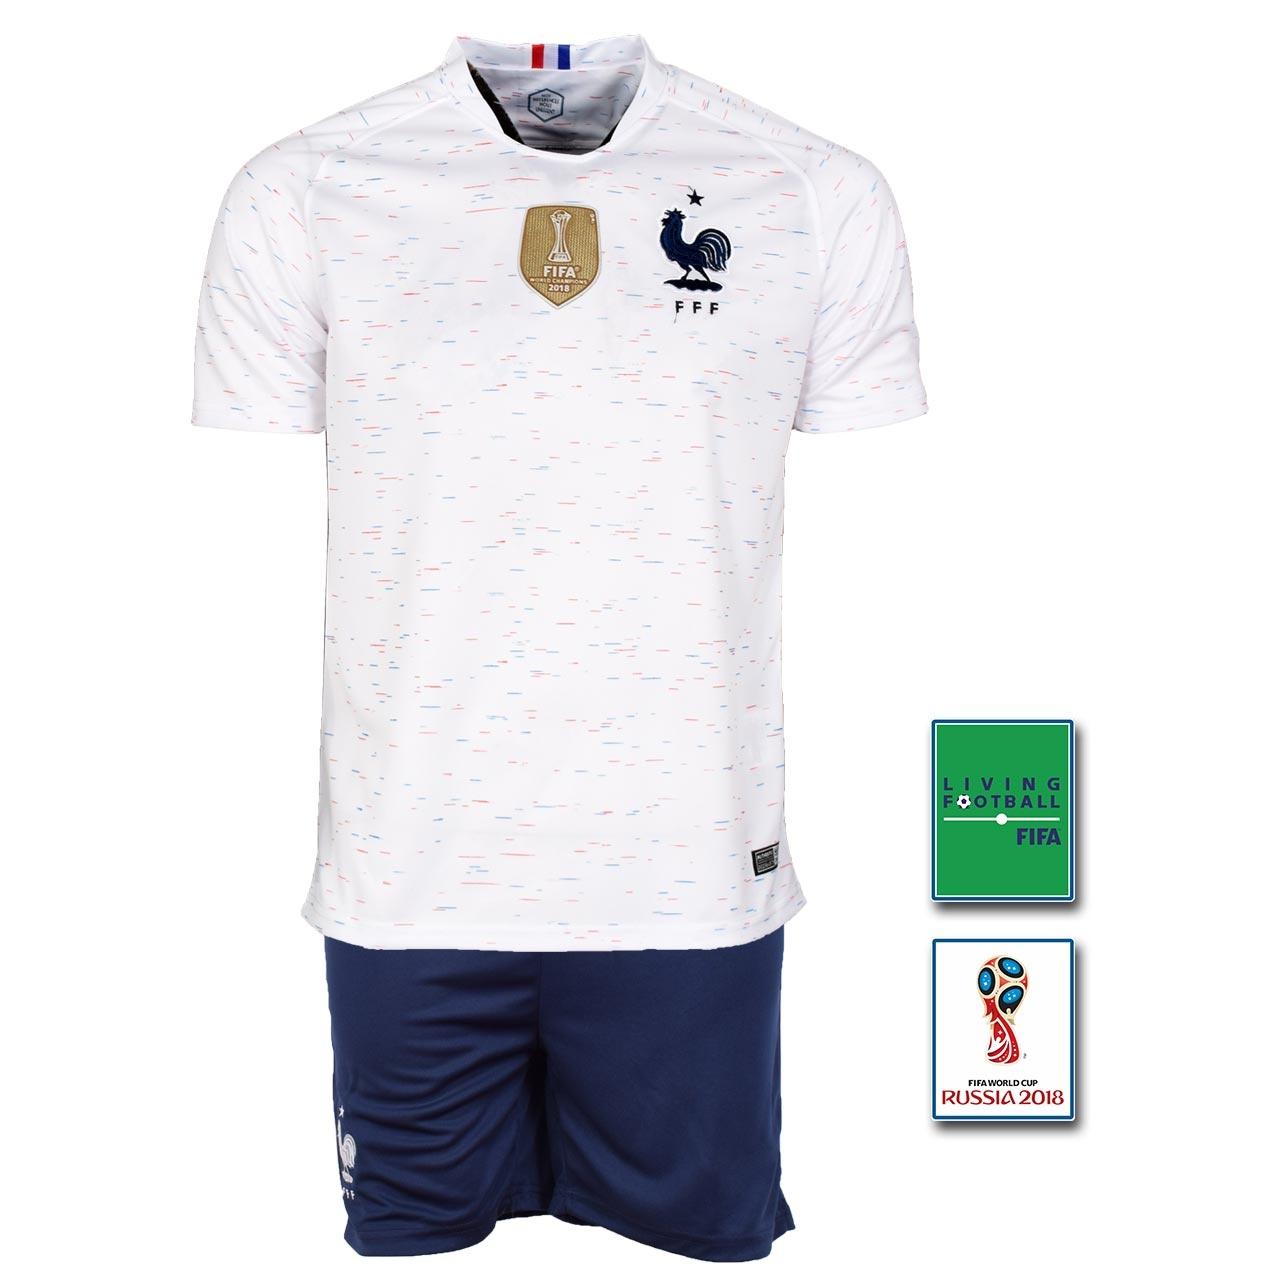 پیراهن شورت طرح گریژمان مدل فرانسه Away2018 به همراه تگ